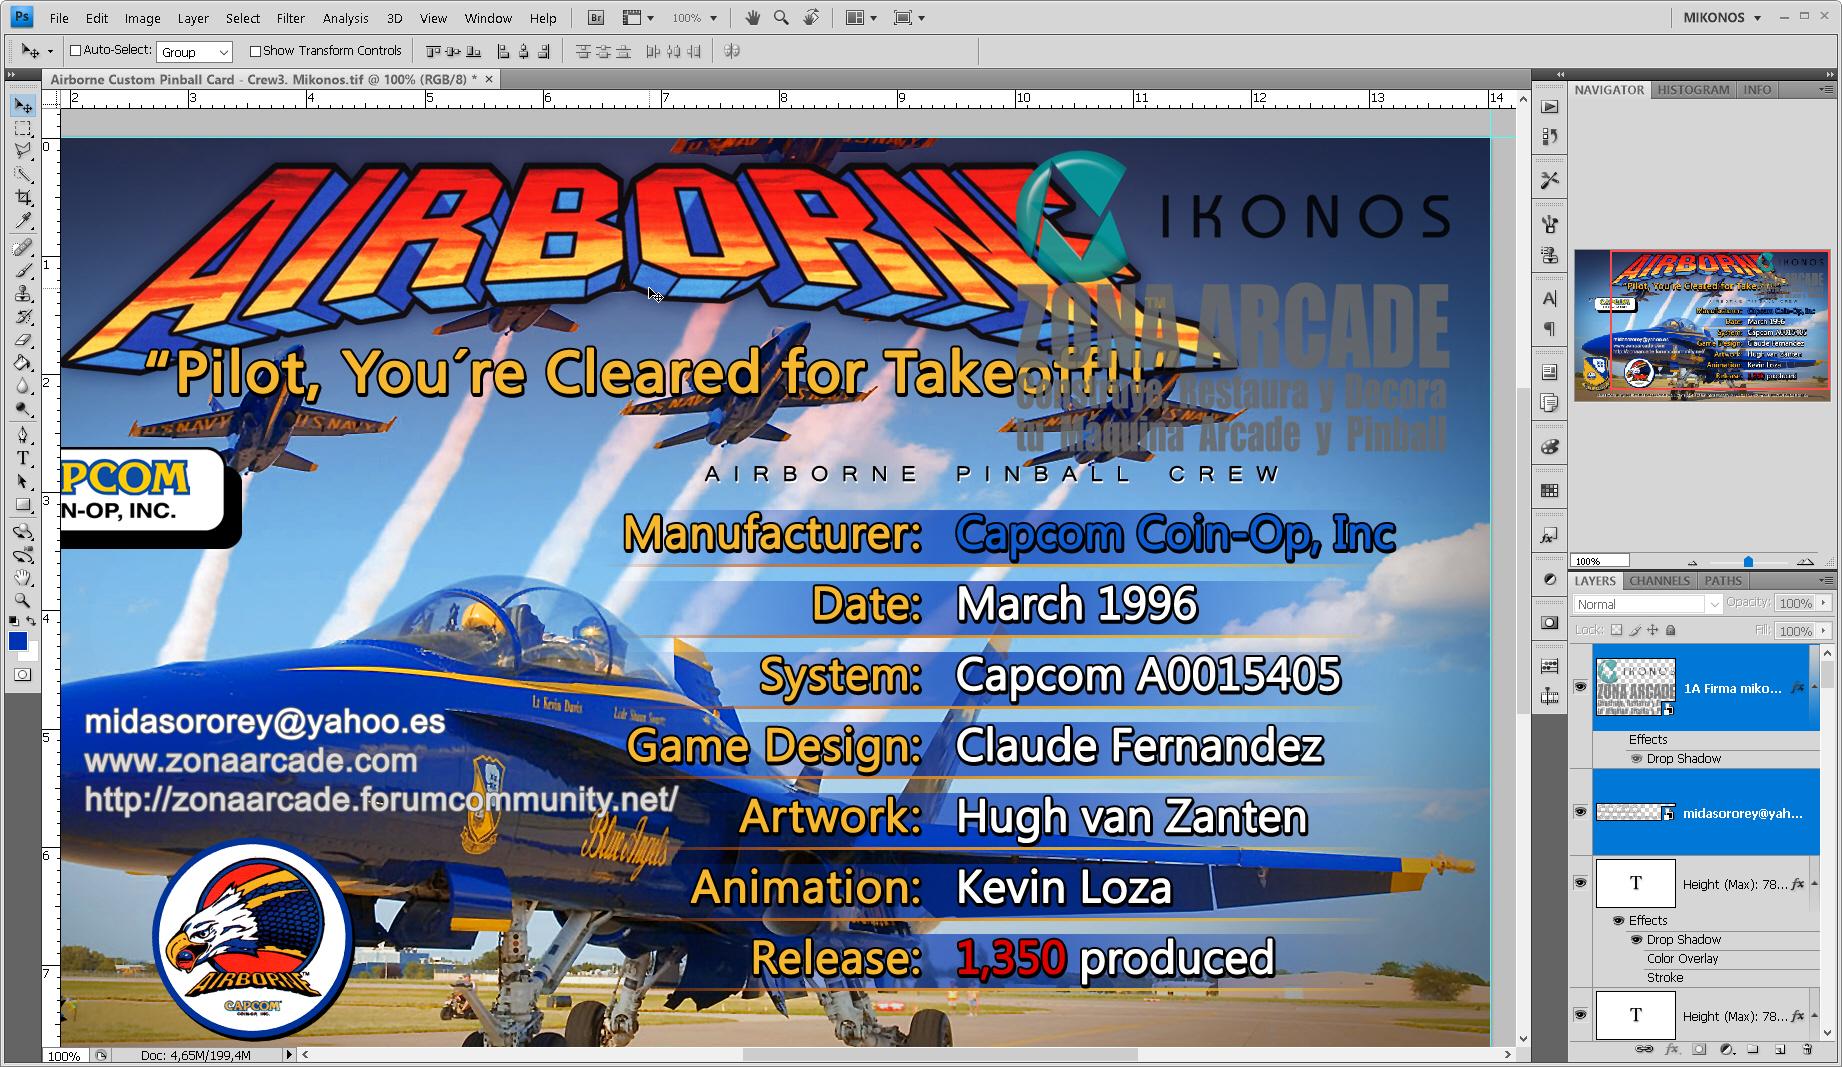 Airborne%20Custom%20Pinball%20Card%20-%20Crew.%20Mikonos2.jpg